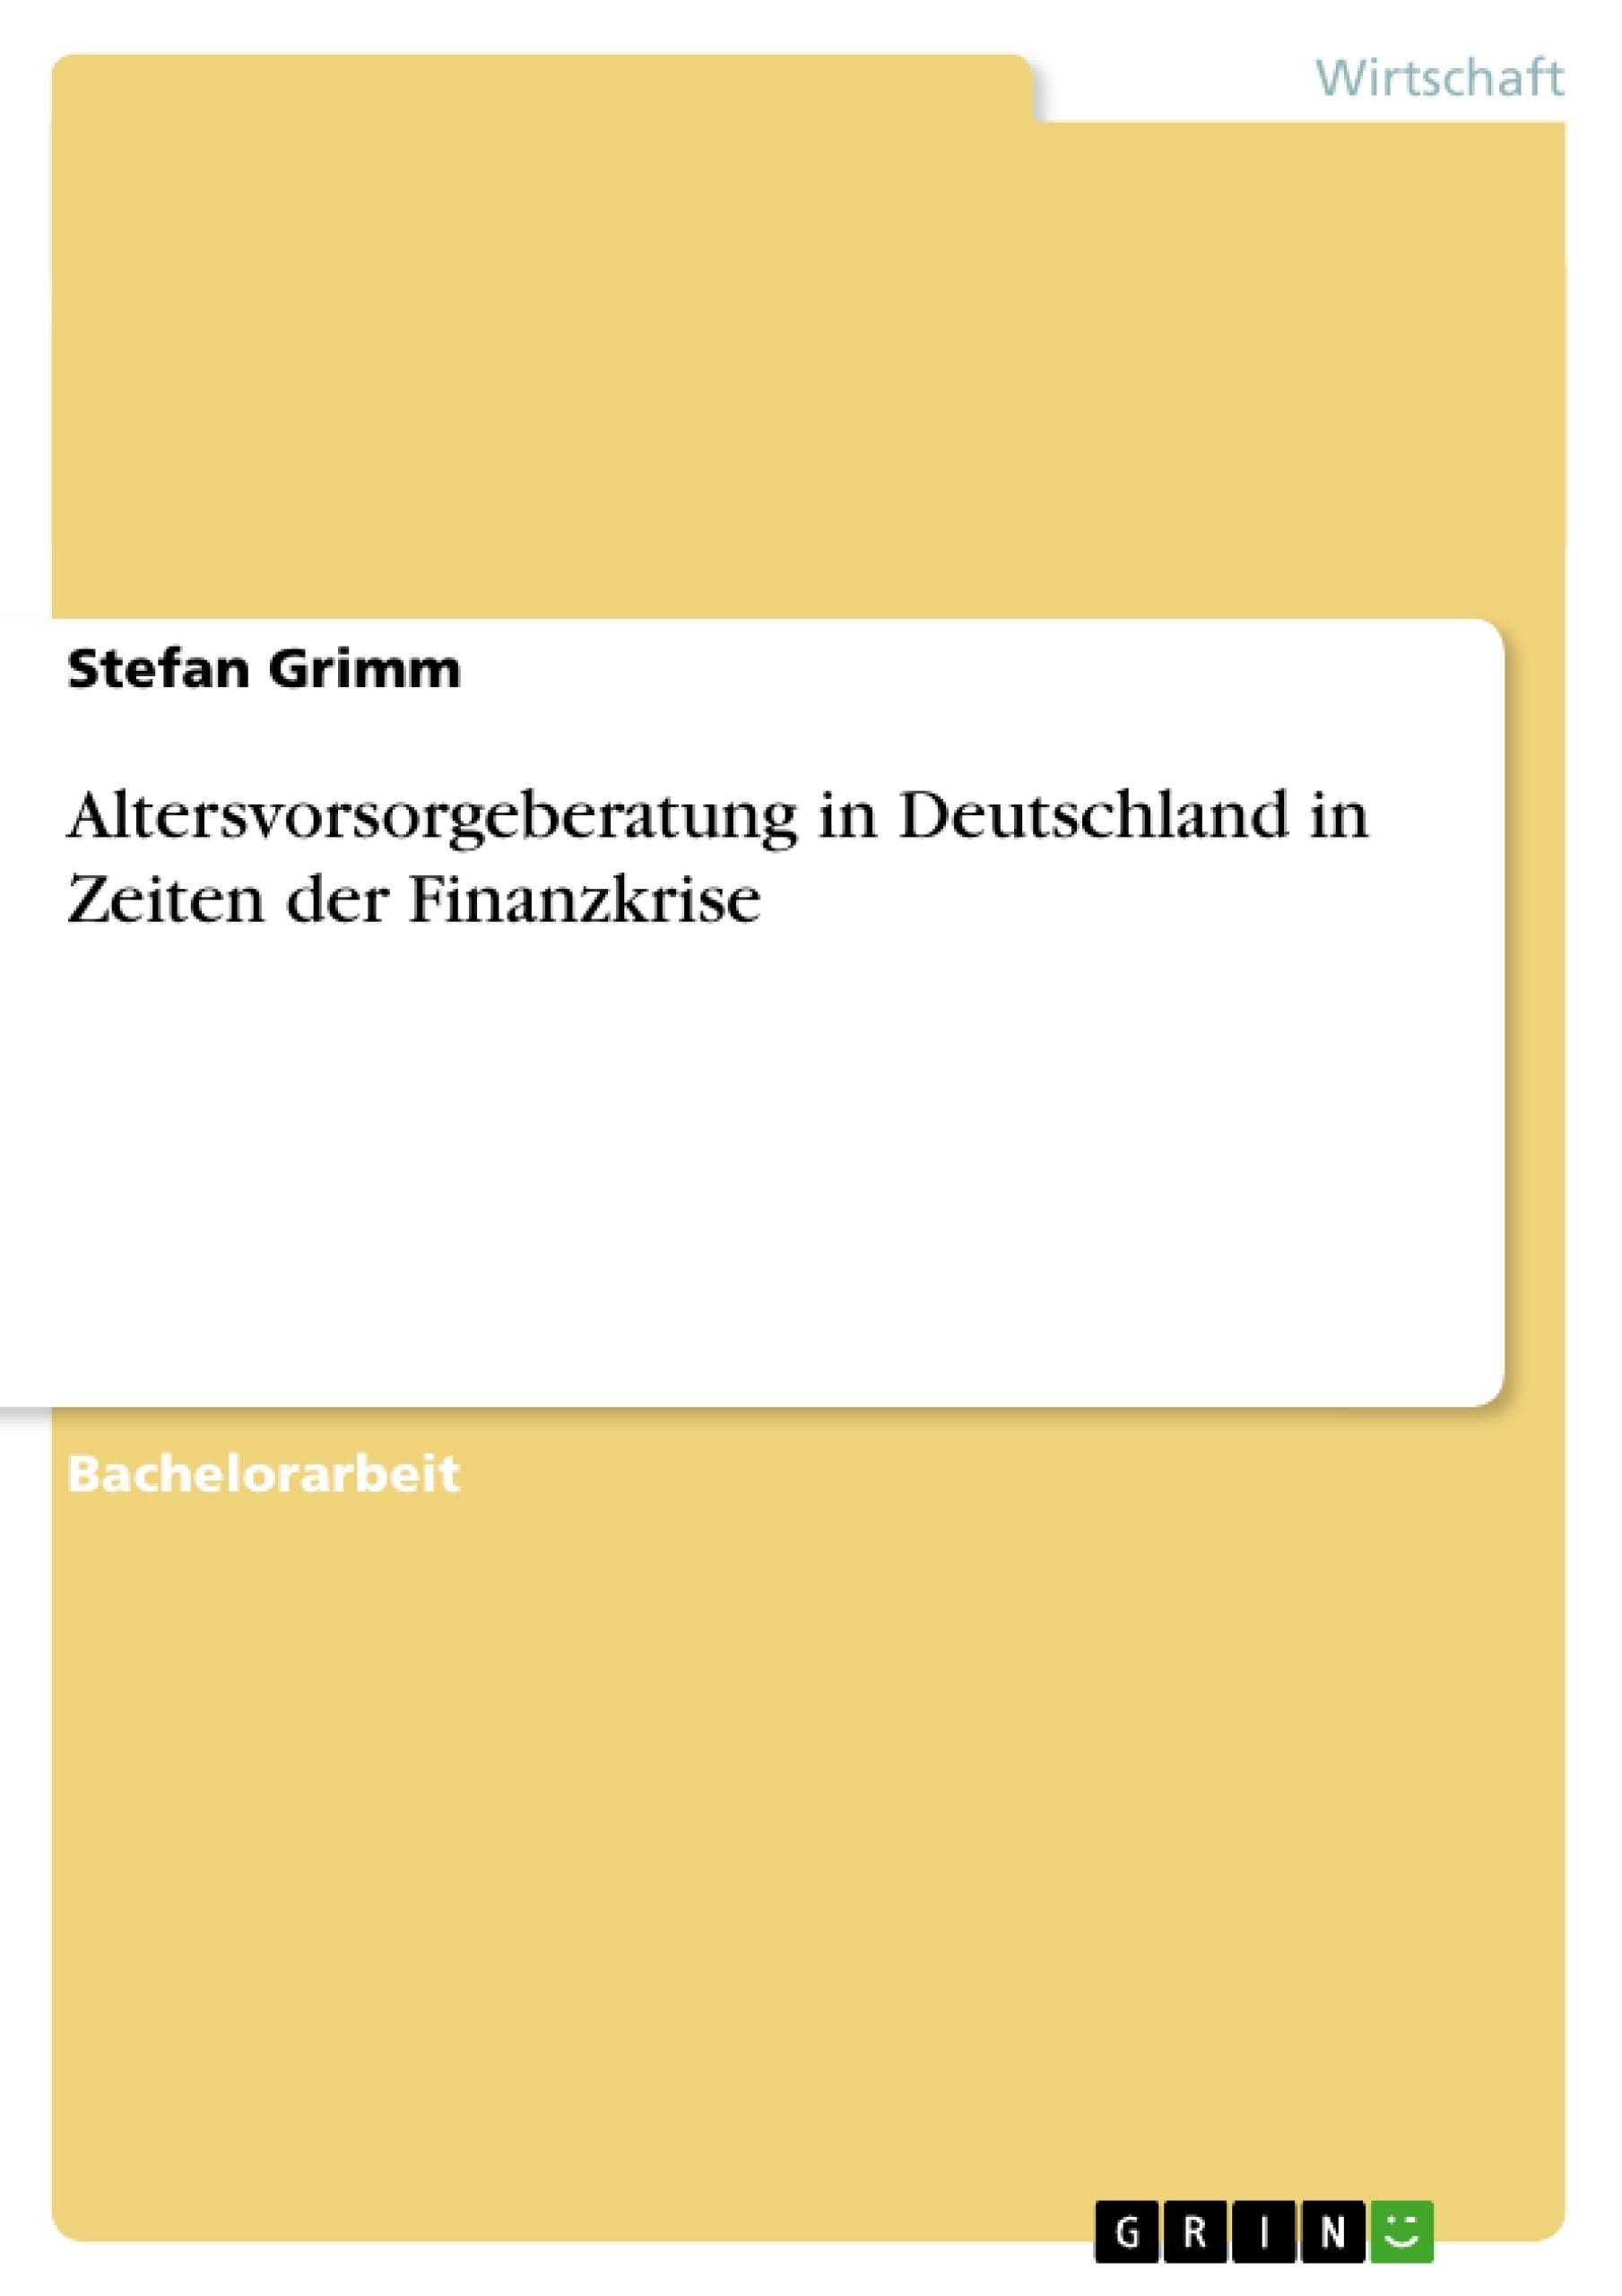 Titel: Altersvorsorgeberatung in Deutschland in Zeiten der Finanzkrise